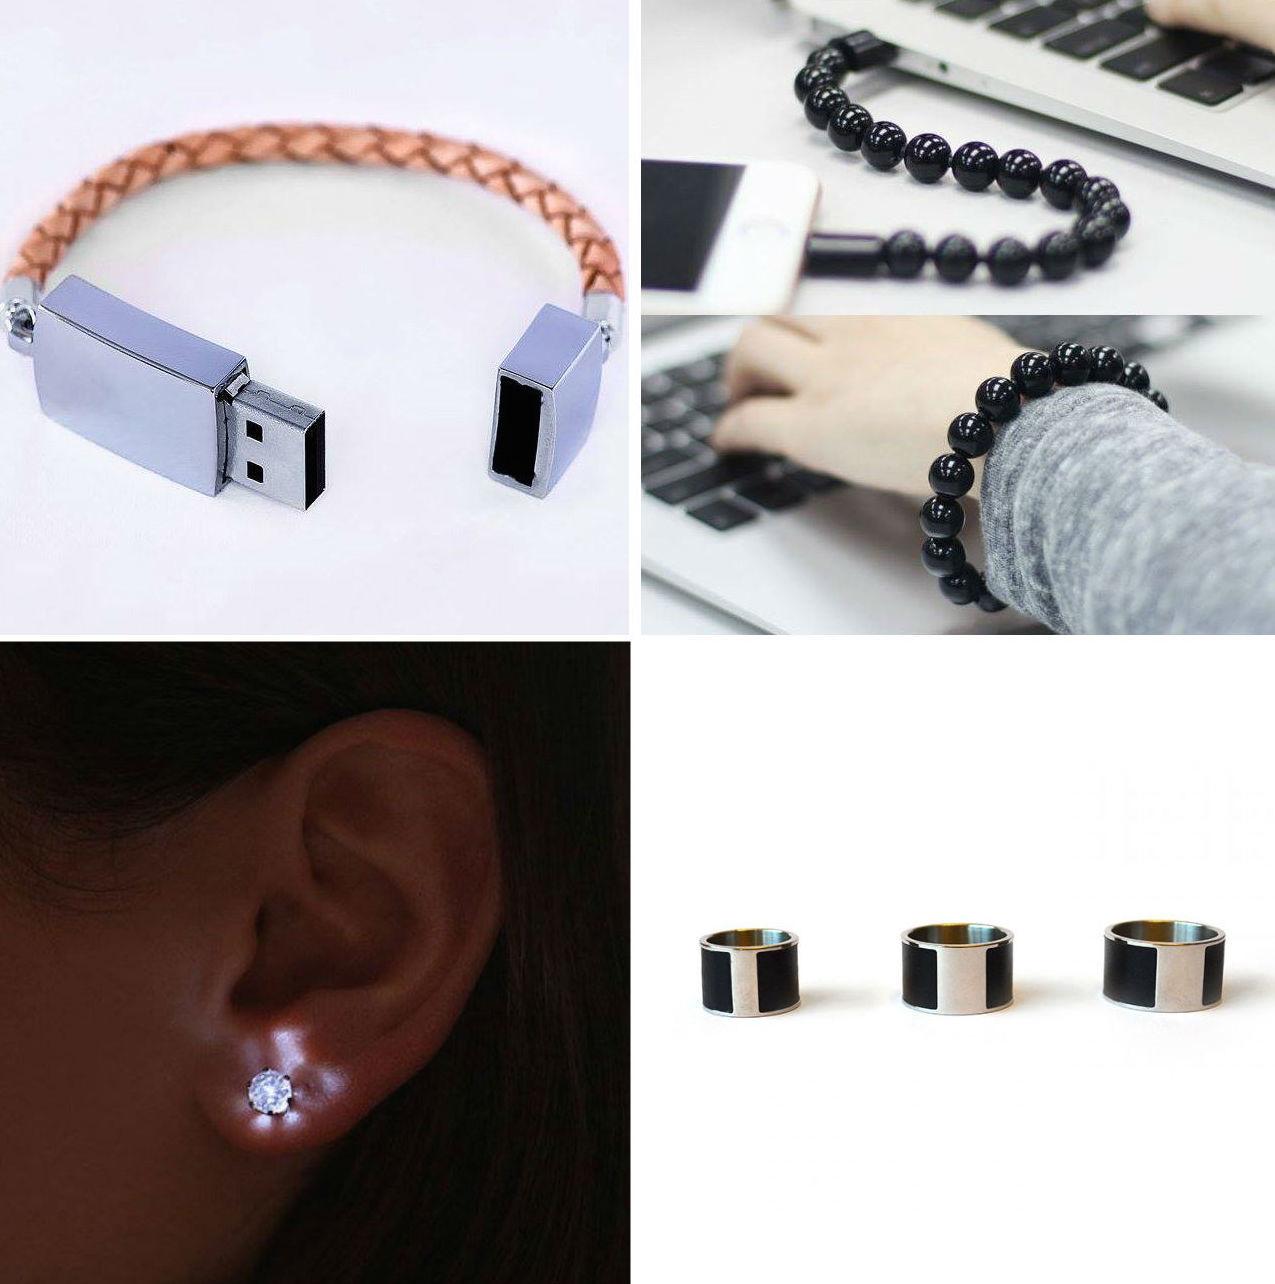 Умная бижутерия: кольца, браслеты, серьги и кулоны, которые на что-то способны - 3